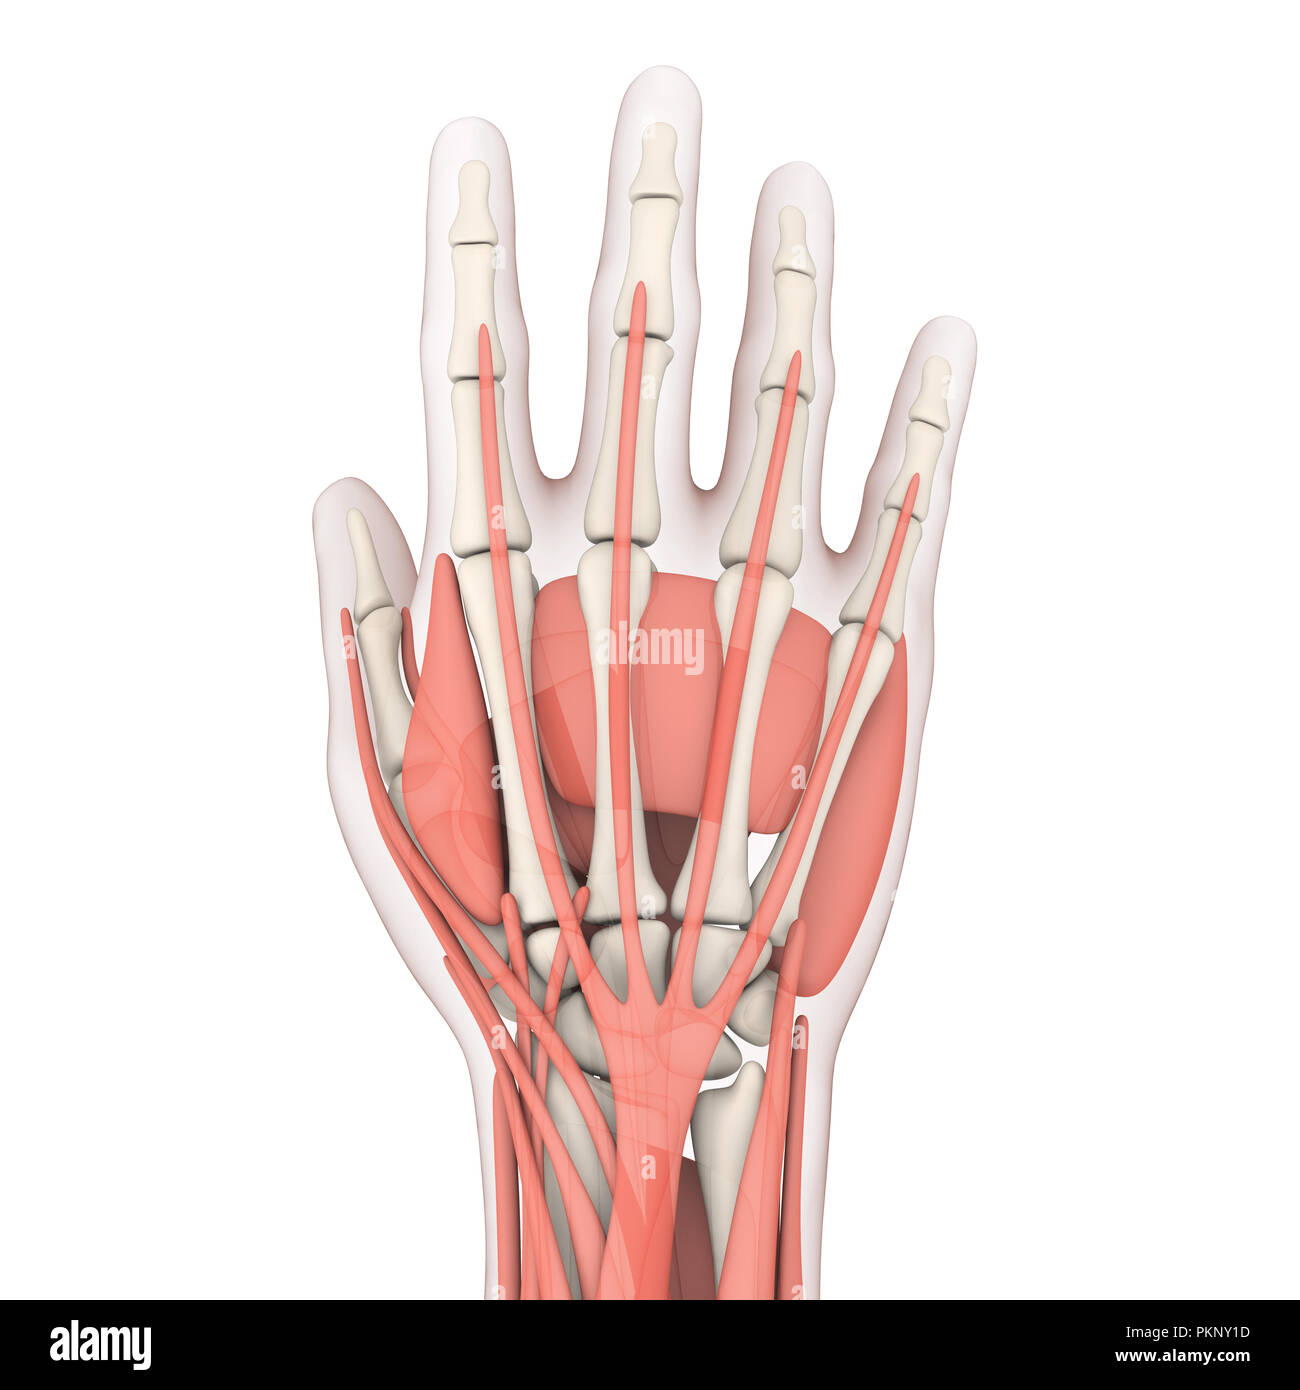 La main de l'illustration anatomique Photo Stock